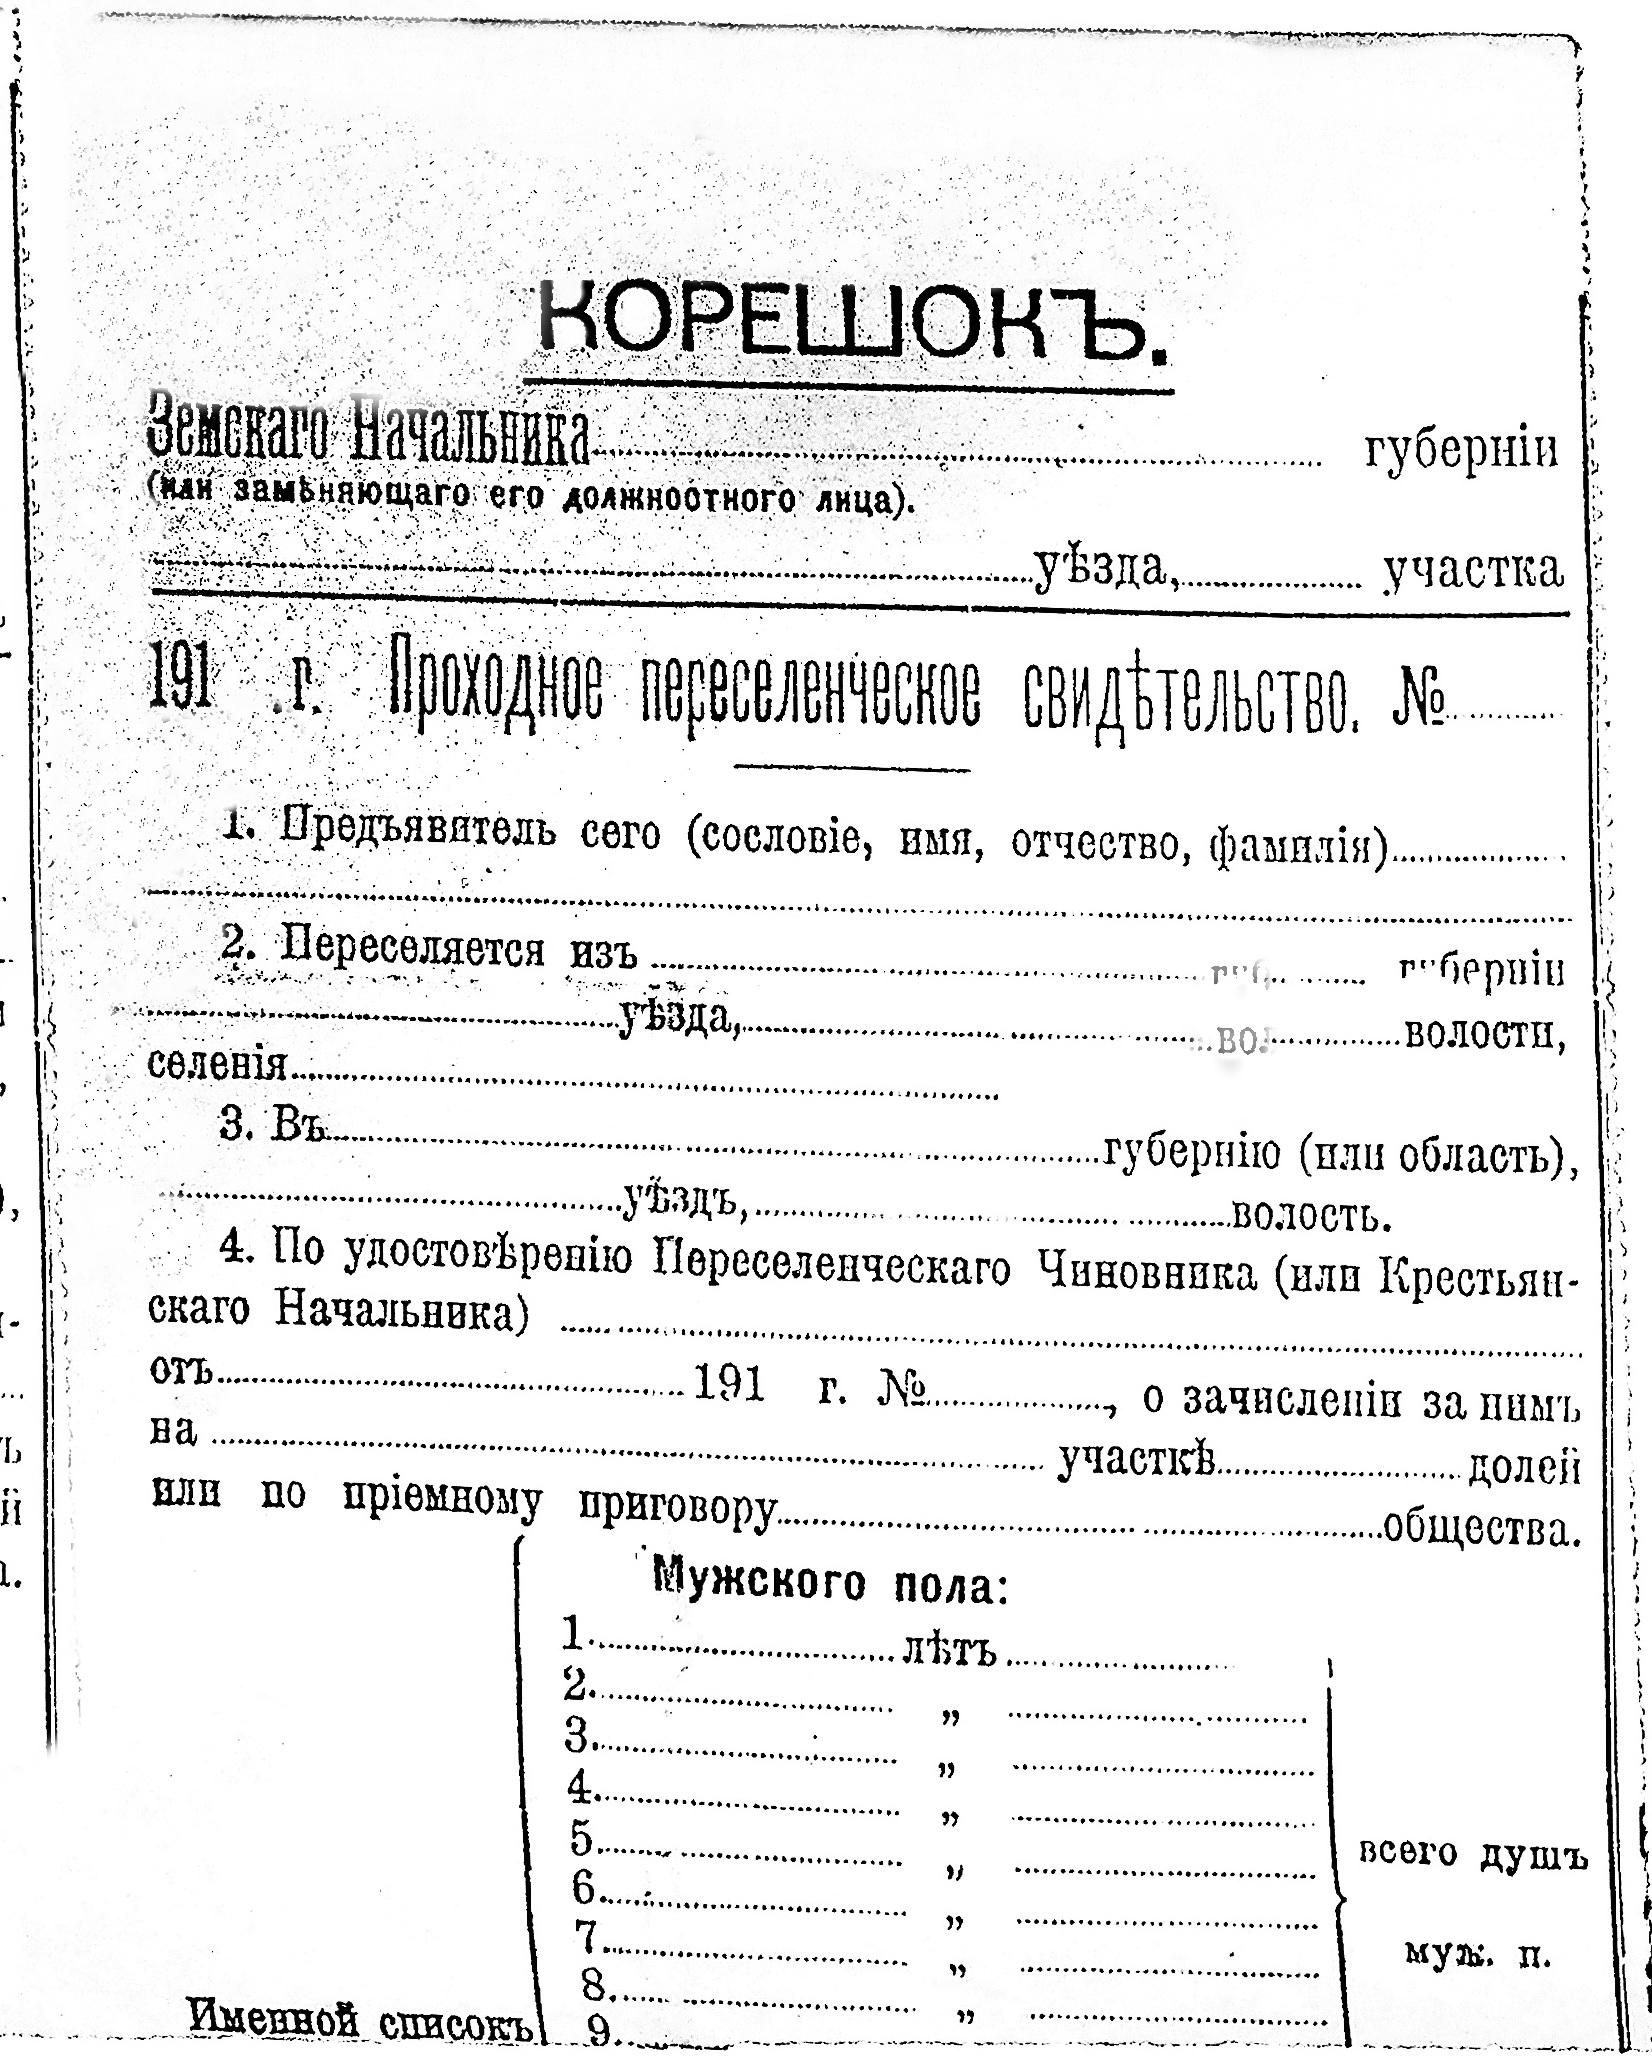 http://images.vfl.ru/ii/1613332461/14114d62/33336000.jpg